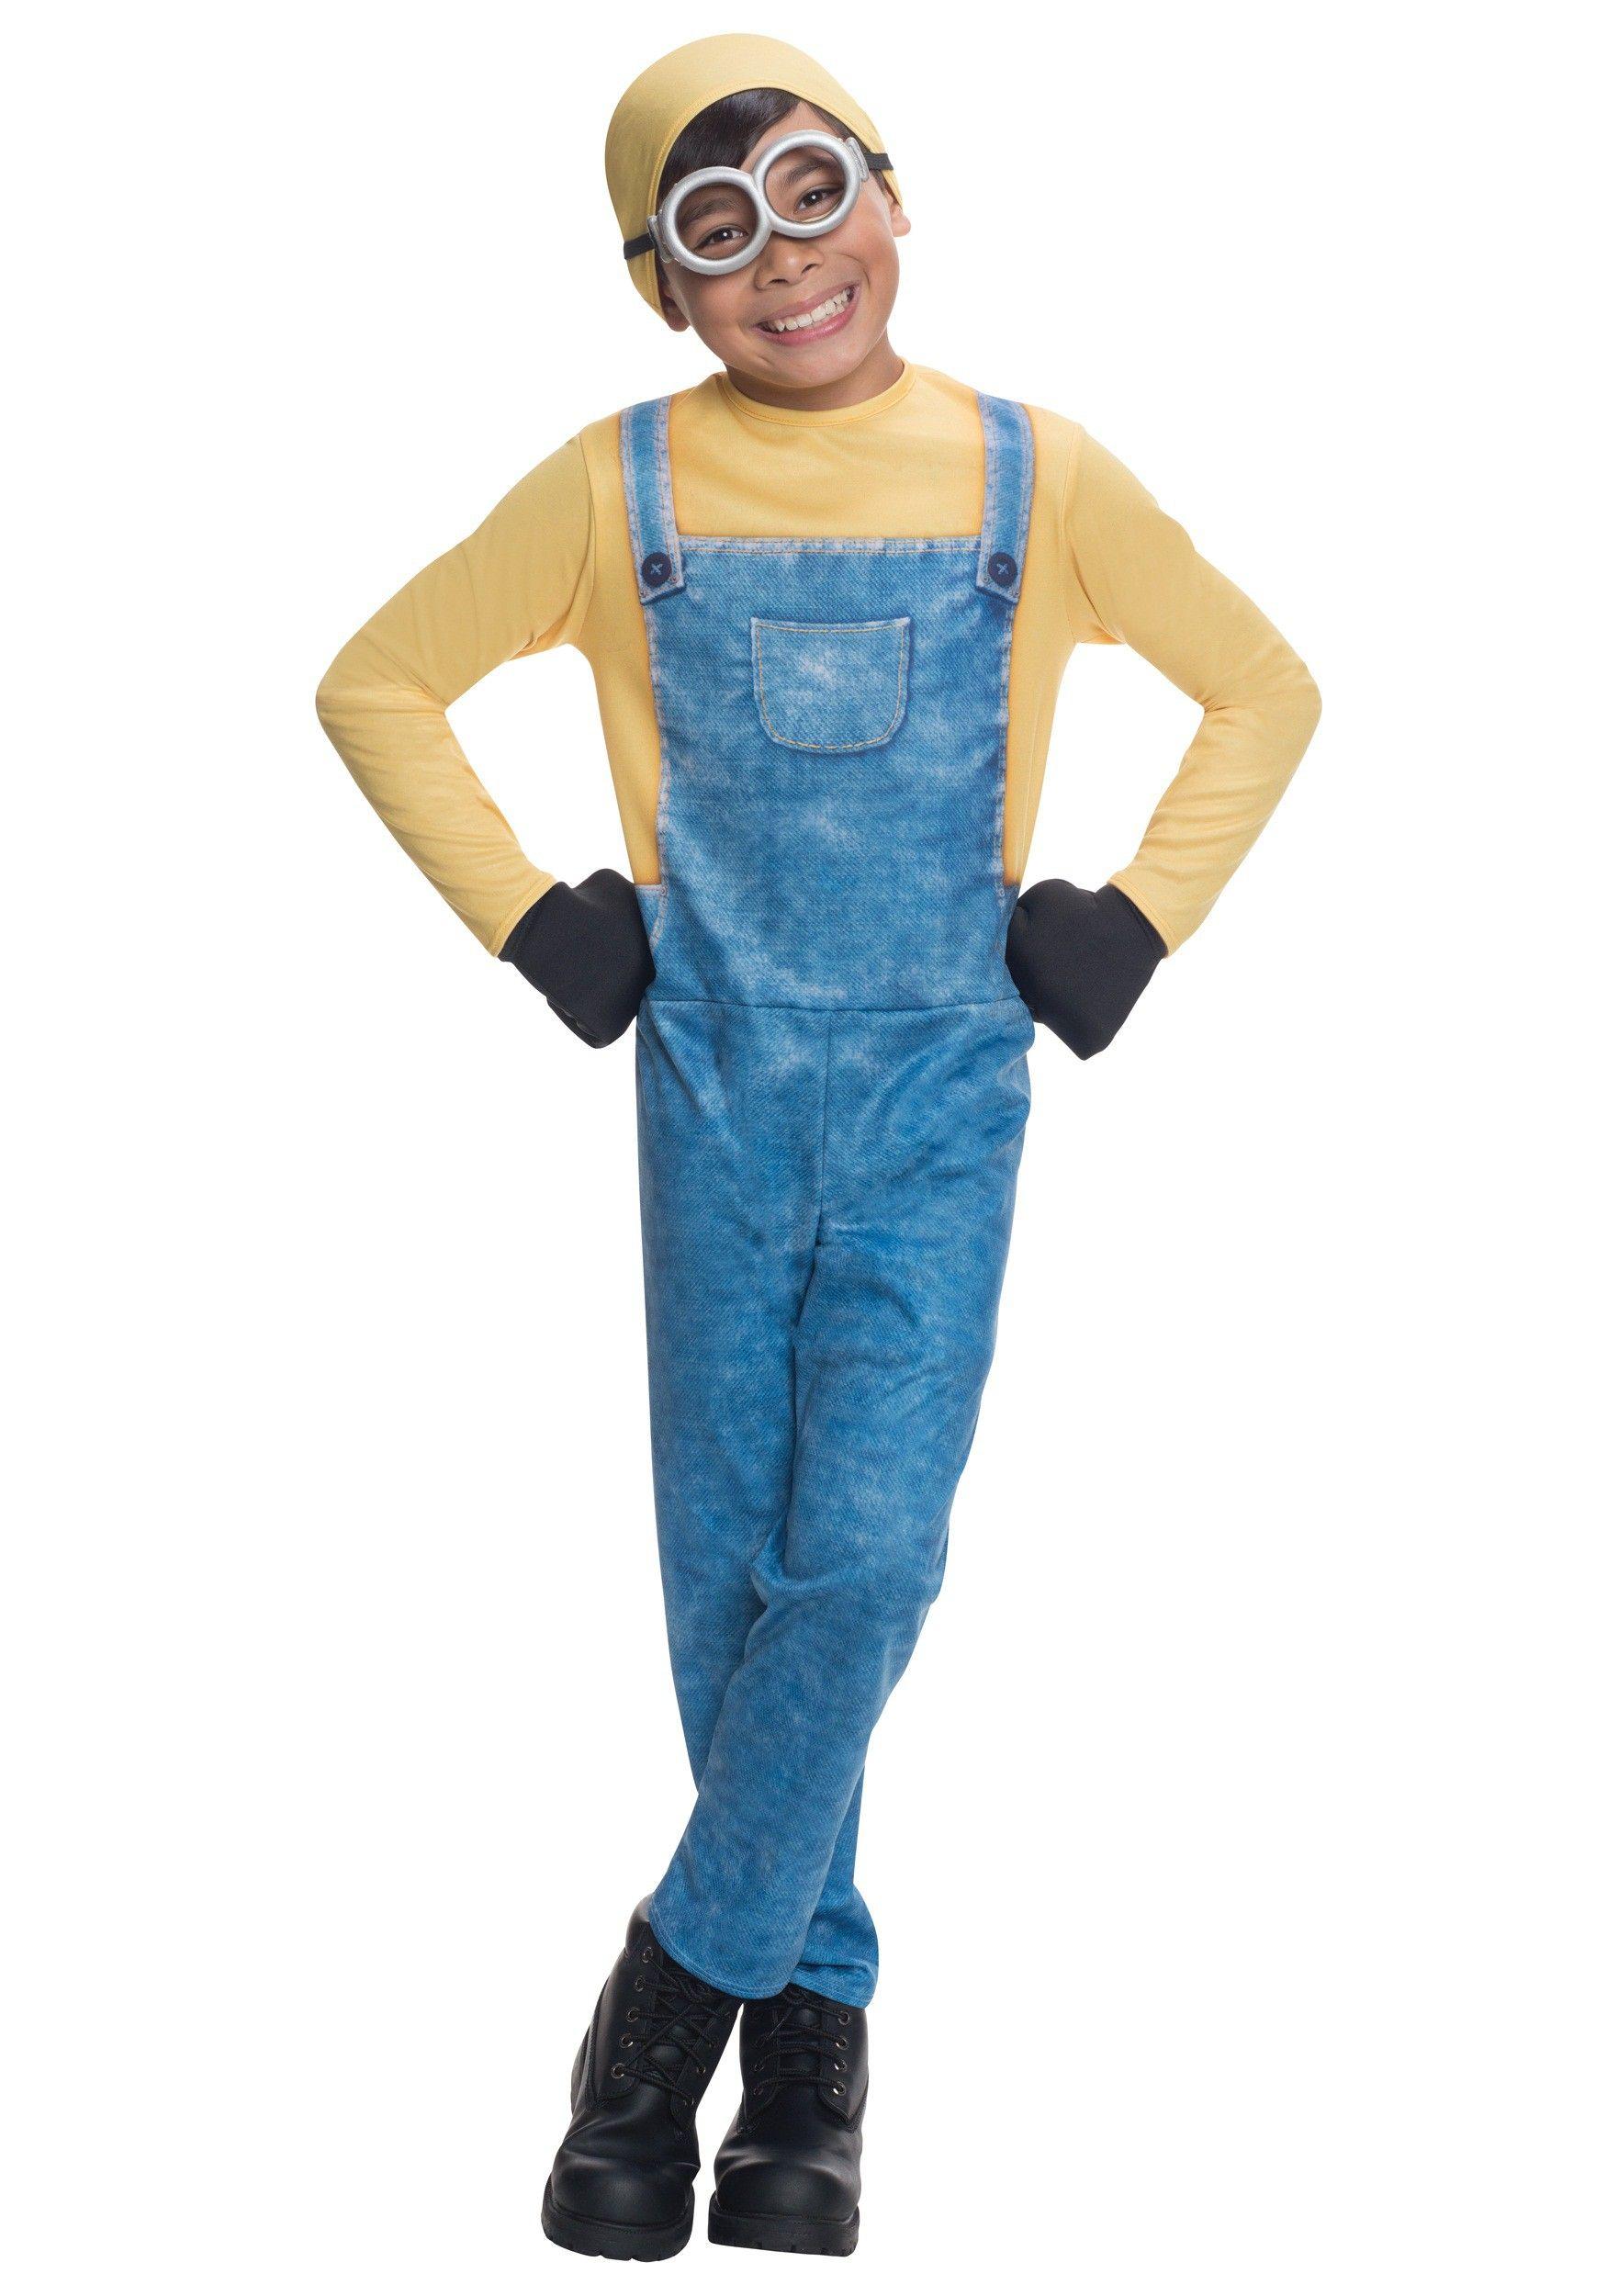 Child Minion Bob Costume  sc 1 st  Pinterest & Child Minion Bob Costume | Minion | Pinterest | Costumes Baby ...